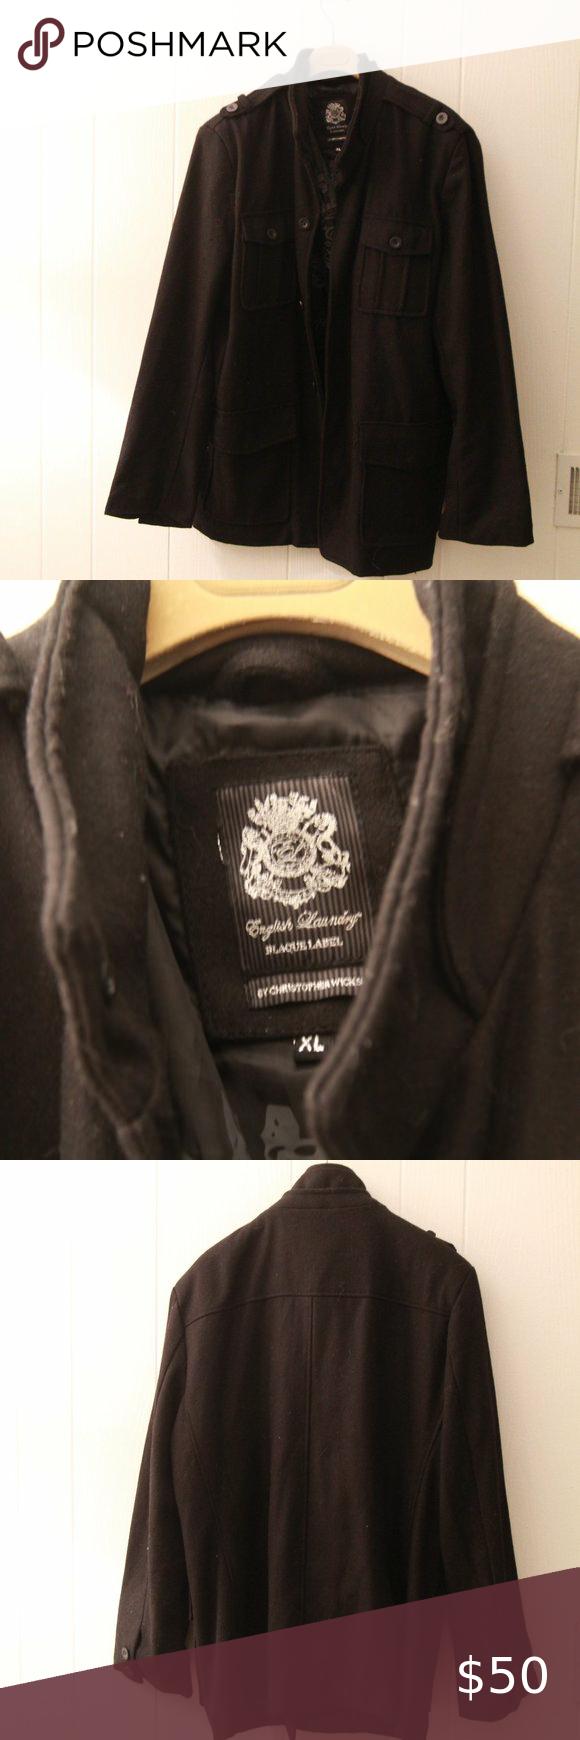 English Laundry Men S Pea Coat Jacket Size Xl Peacoat Jacket Peacoat Men Coats Jackets [ 1740 x 580 Pixel ]